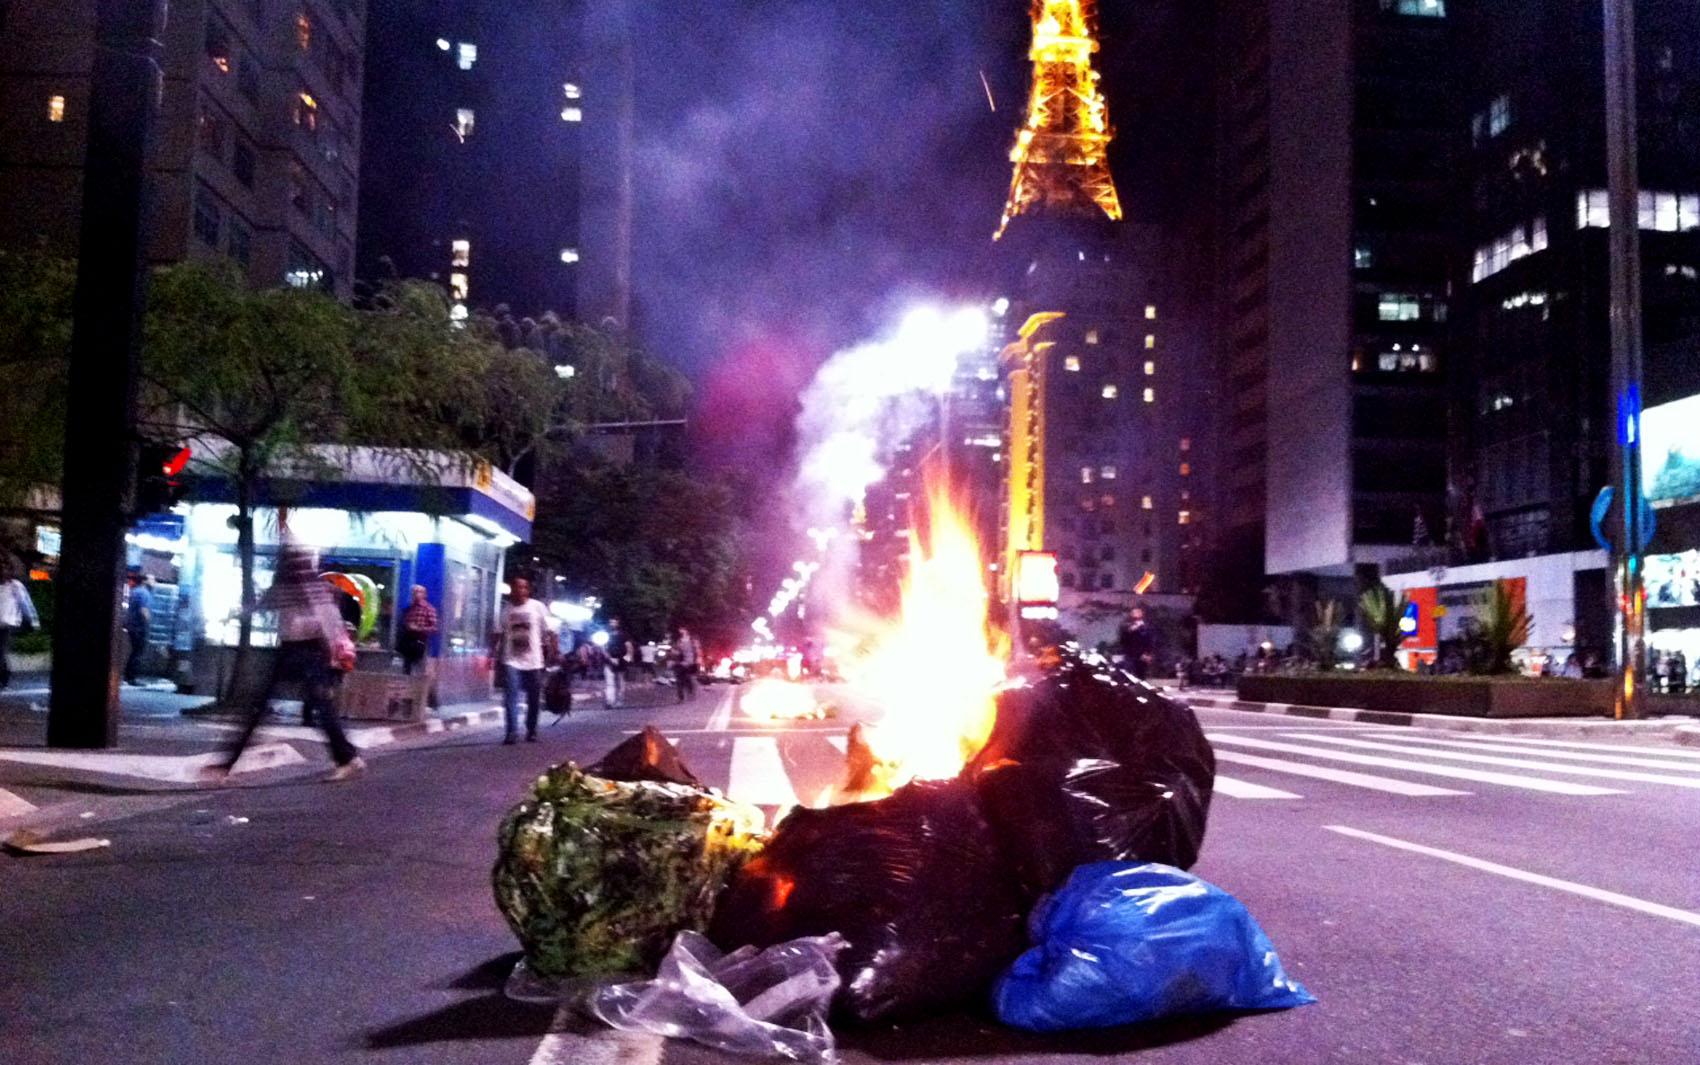 Manifestantes colocam fogo em lixo em uma das pistas da Av. Paulista